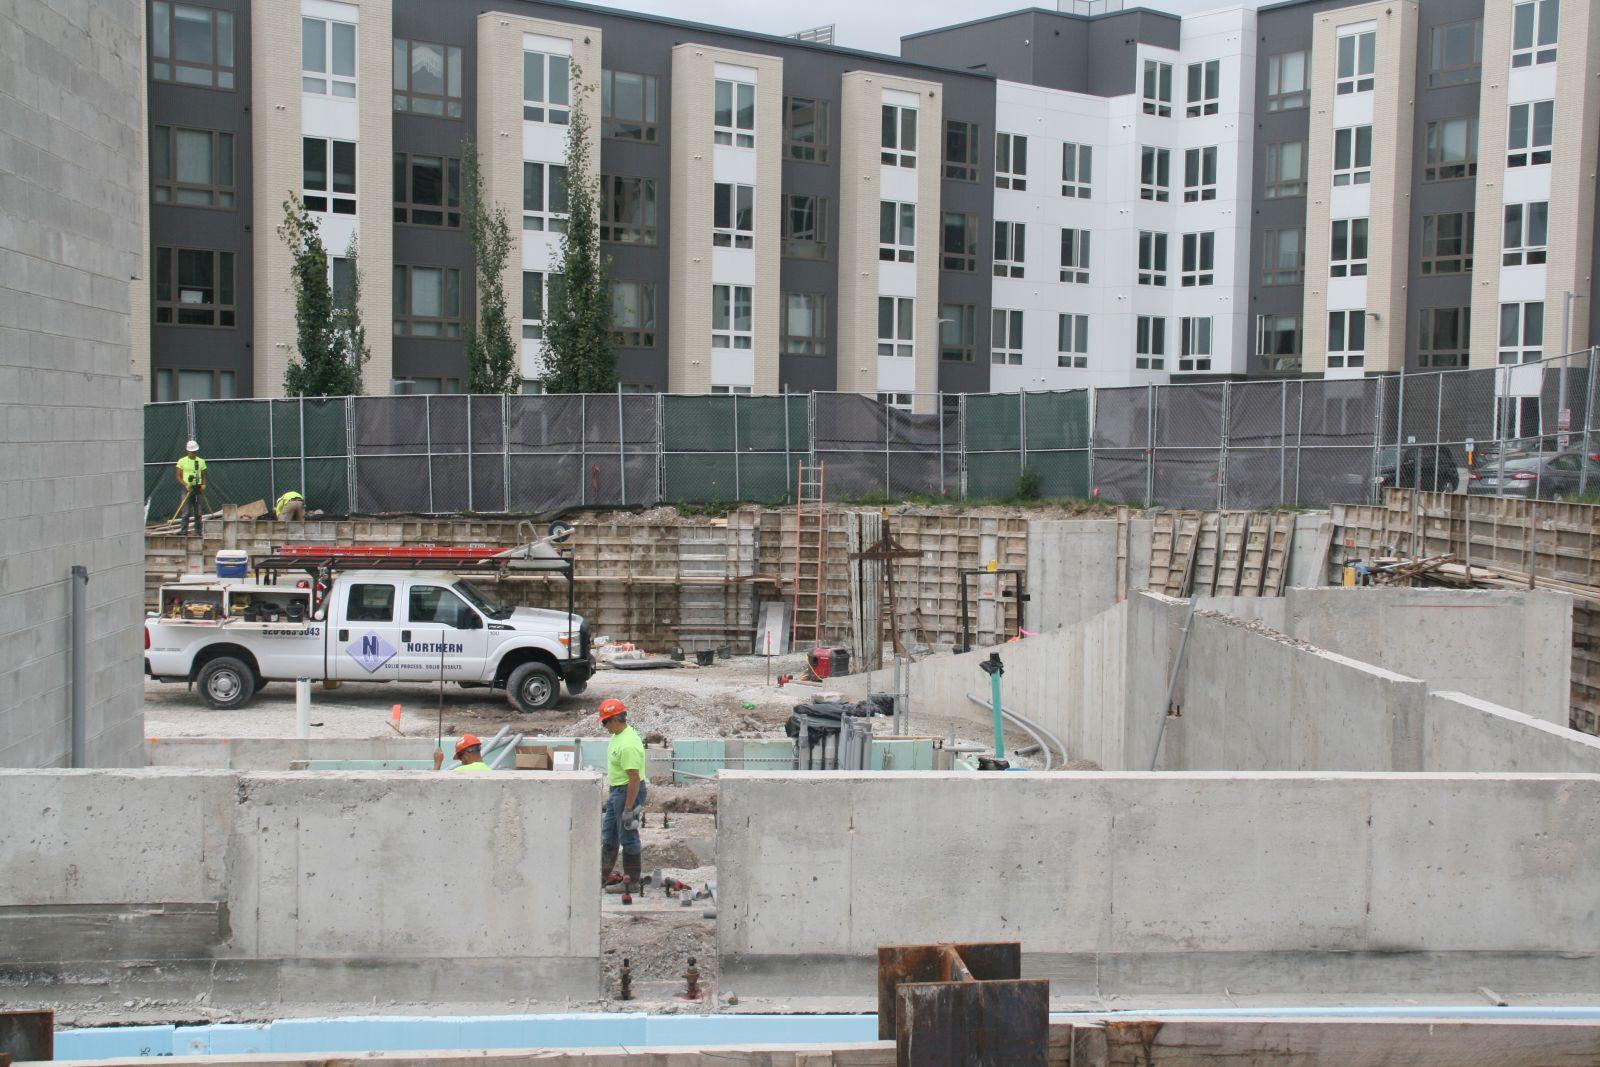 Hyatt Place Hotel Construction